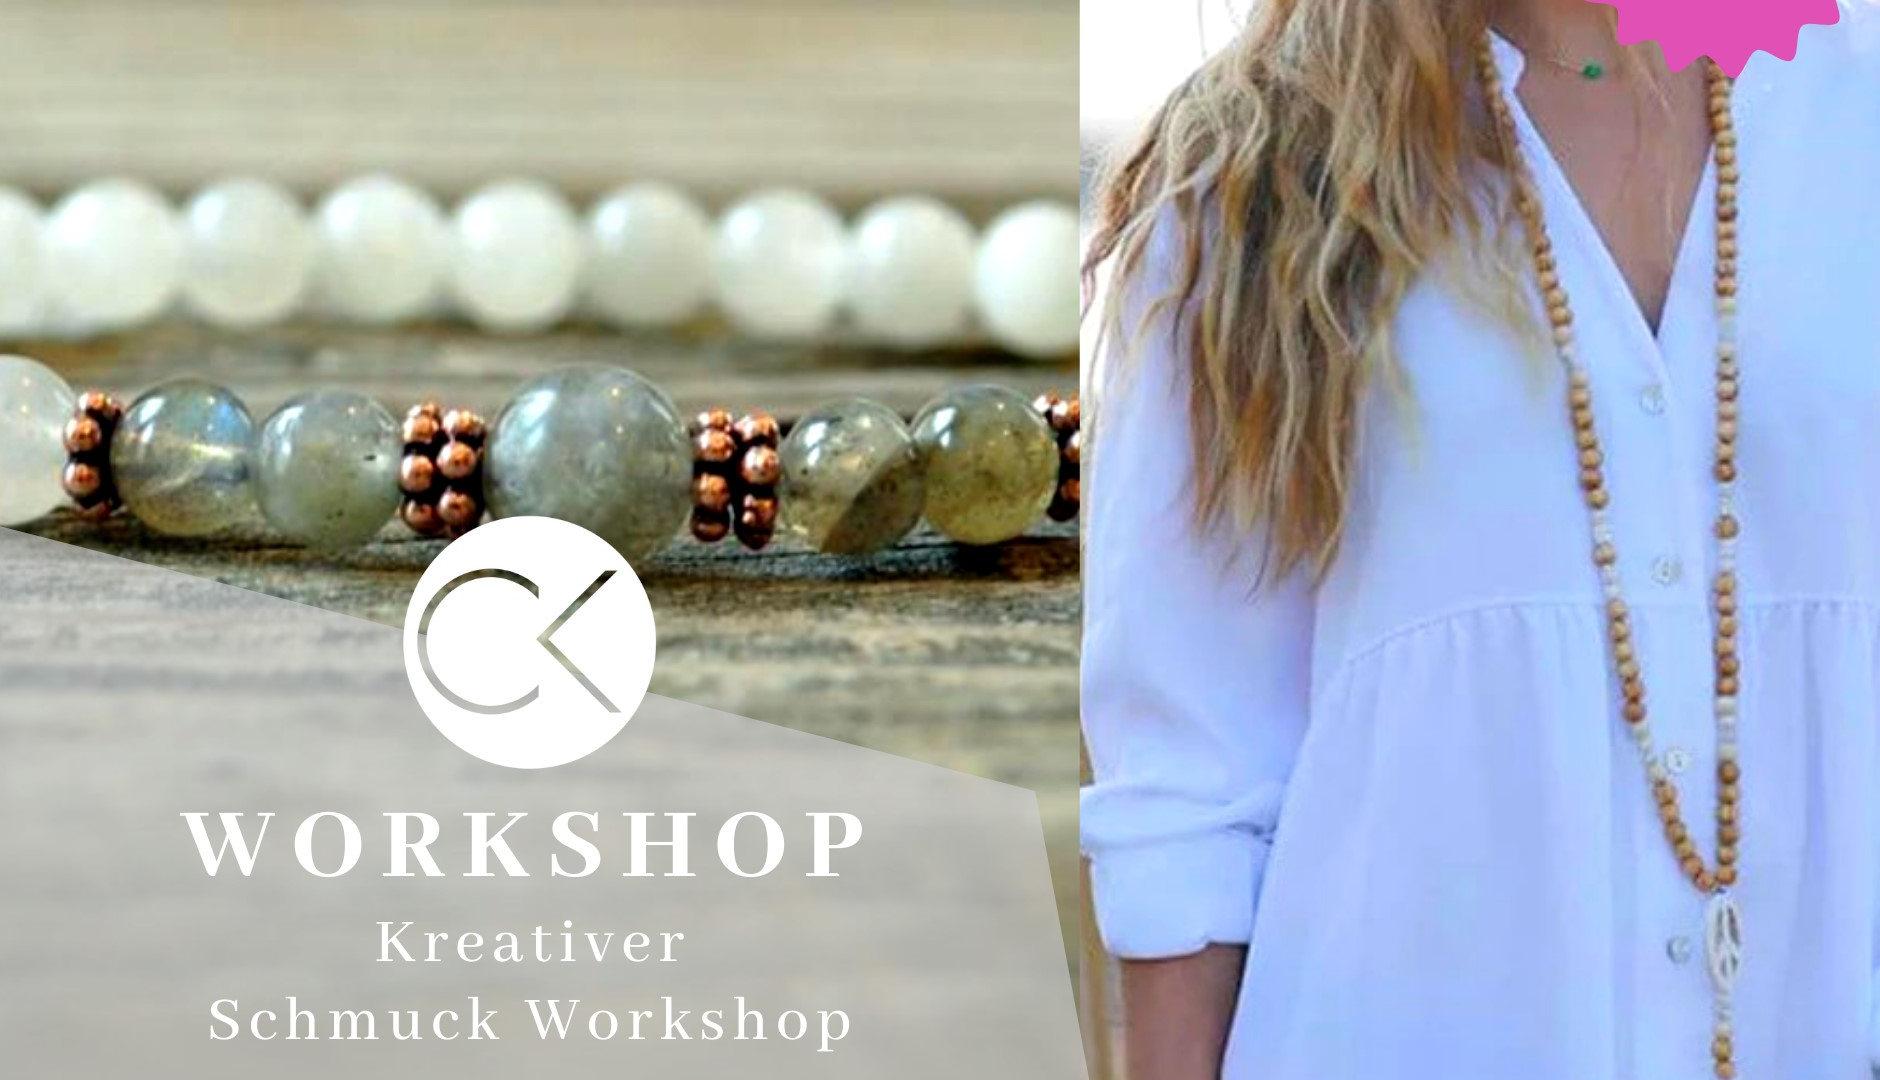 Schmuck Workshop Mala Kette und Armband im Atelier Christiane Klieeisen